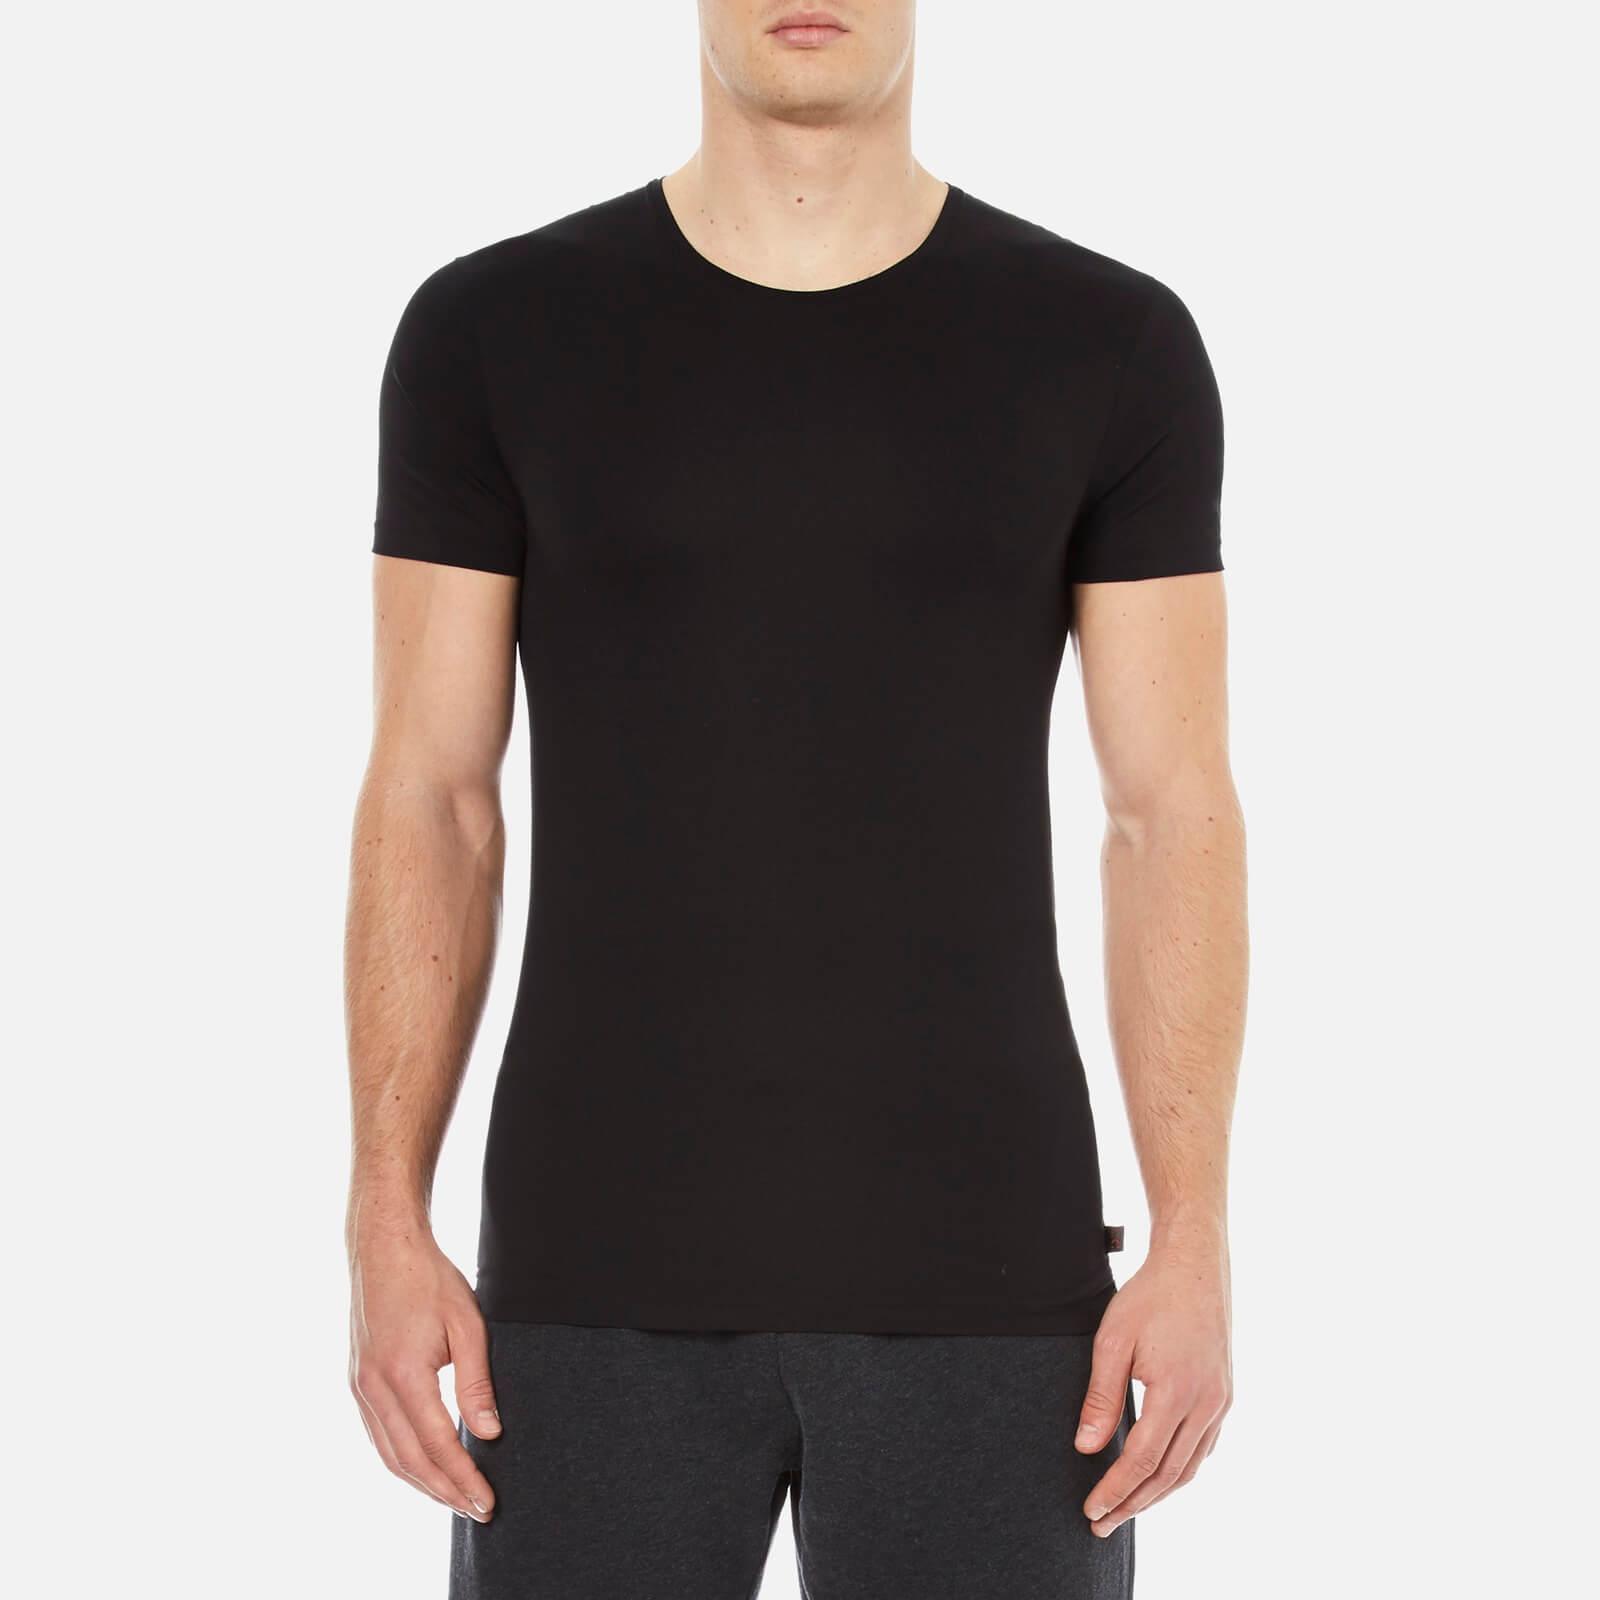 e5394964d Derek Rose Men s Jack 1 Crew Neck T-Shirt - Black - Free UK Delivery over  £50